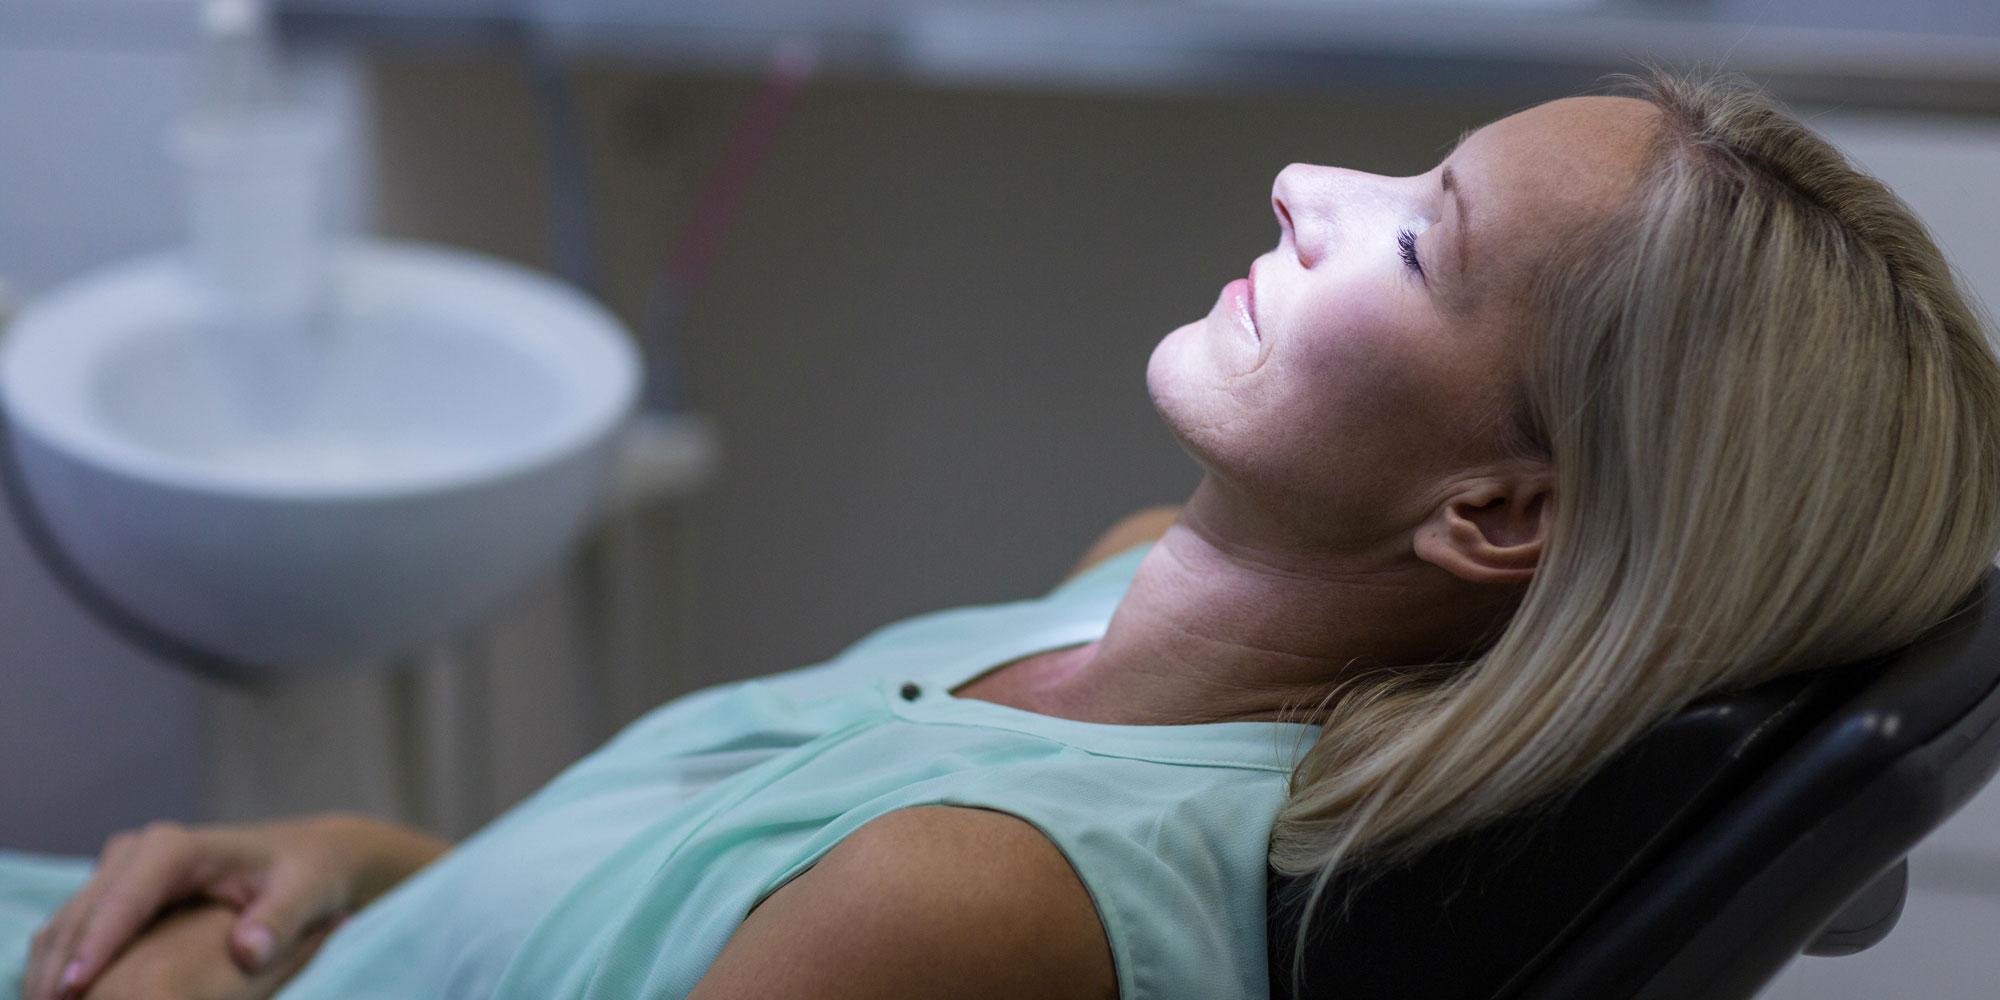 dental patient under sedation Brownstown, MI